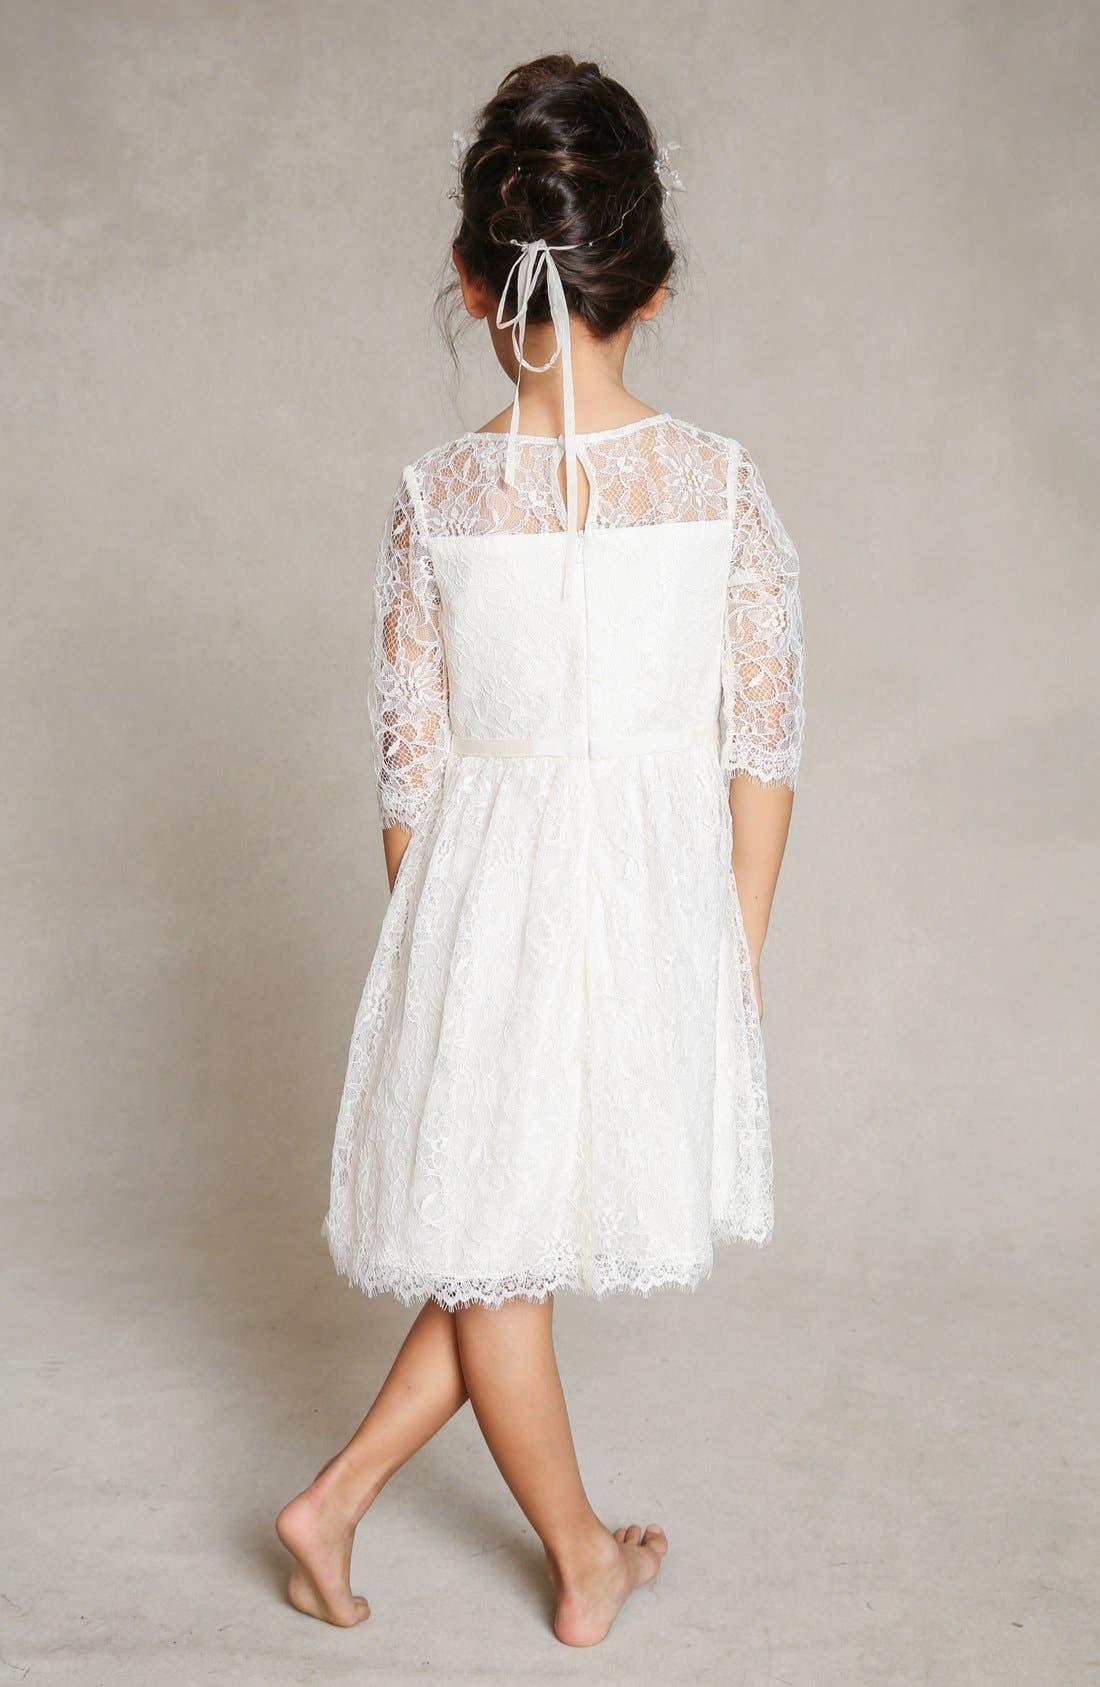 Annie Floral Appliqué Lace Dress,                             Alternate thumbnail 4, color,                             900